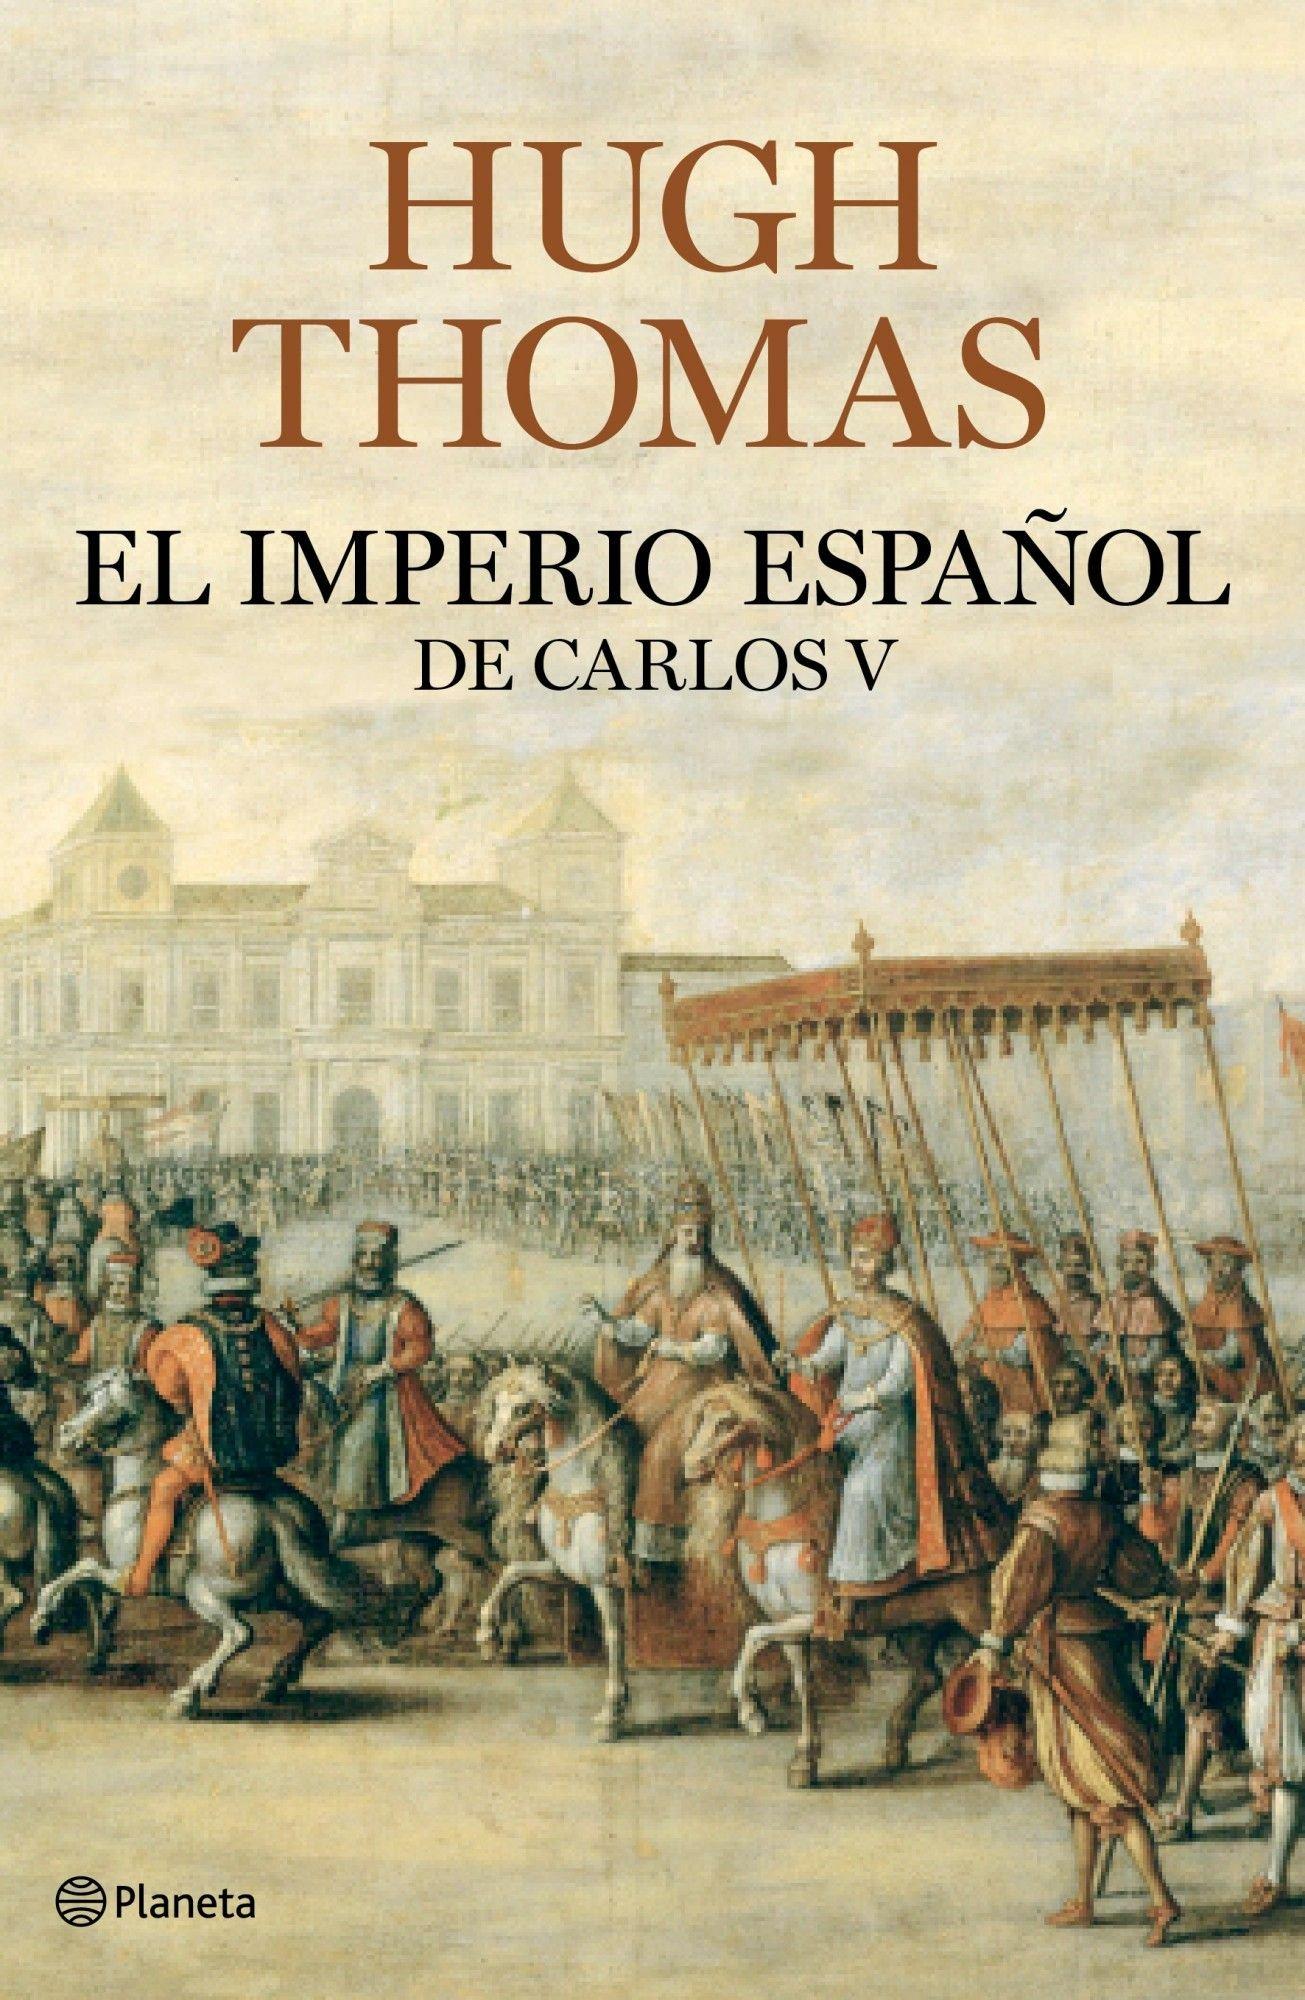 El Imperio español de Carlos V 1522-1558 Fuera de colección ...